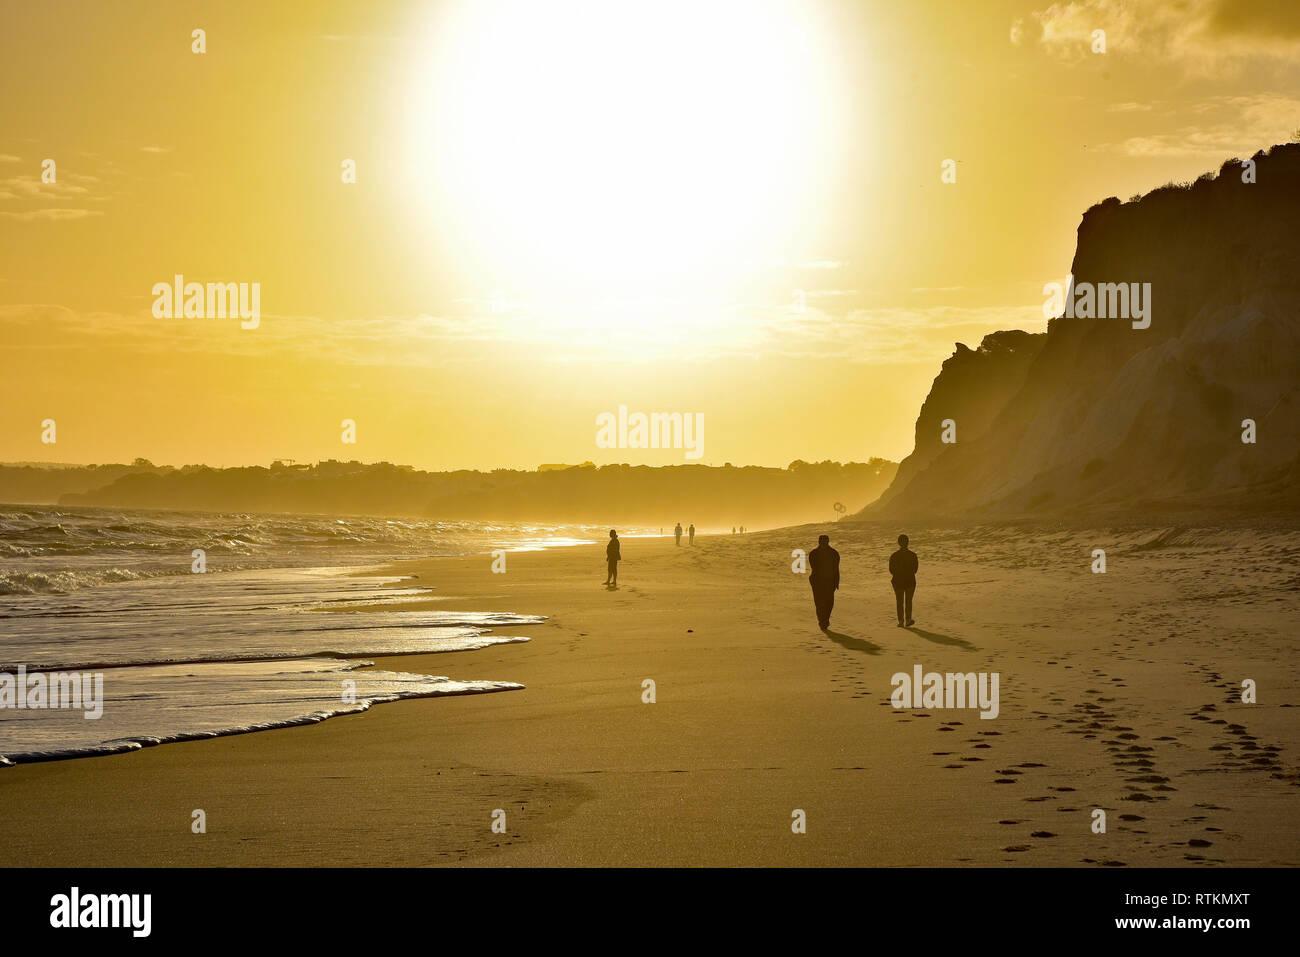 Le soleil se couche sur la plage Praia da Falesia, une étendue de sable près de 7km de longueur, Albuferia, Algarve, Portugal, Europe. Banque D'Images